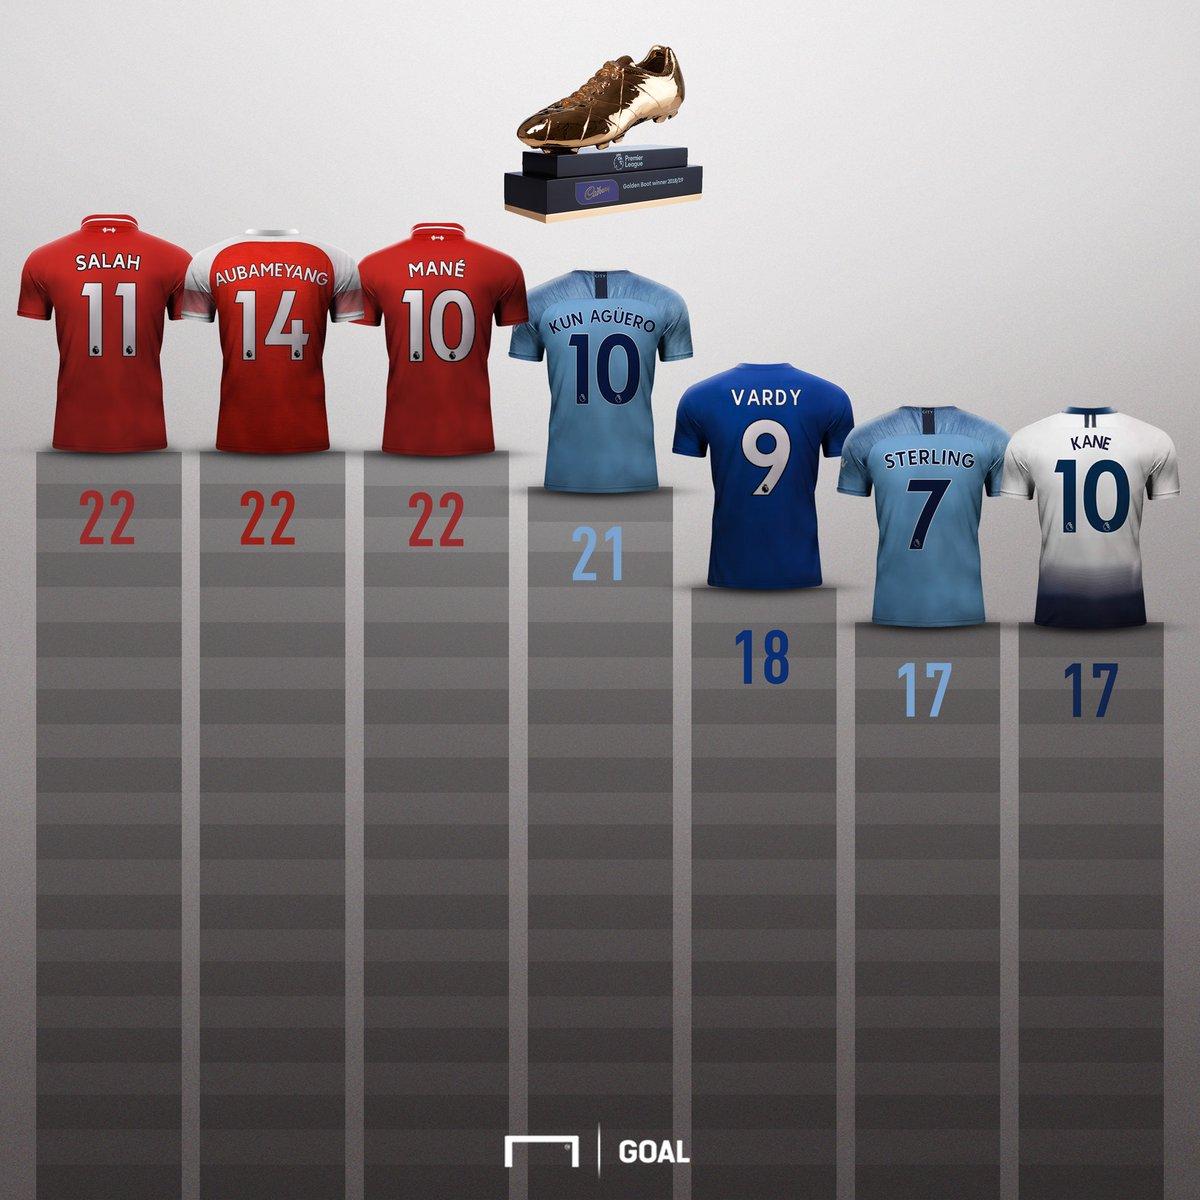 Mohamed Salah, Sadio Mane, Pierre-Emerick Aubameyang, Vua phá lưới, Ngoại hạng Anh, Premier League, chiếc giày vàng, trực tiếp bóng đá, Arsenal, Liverpool